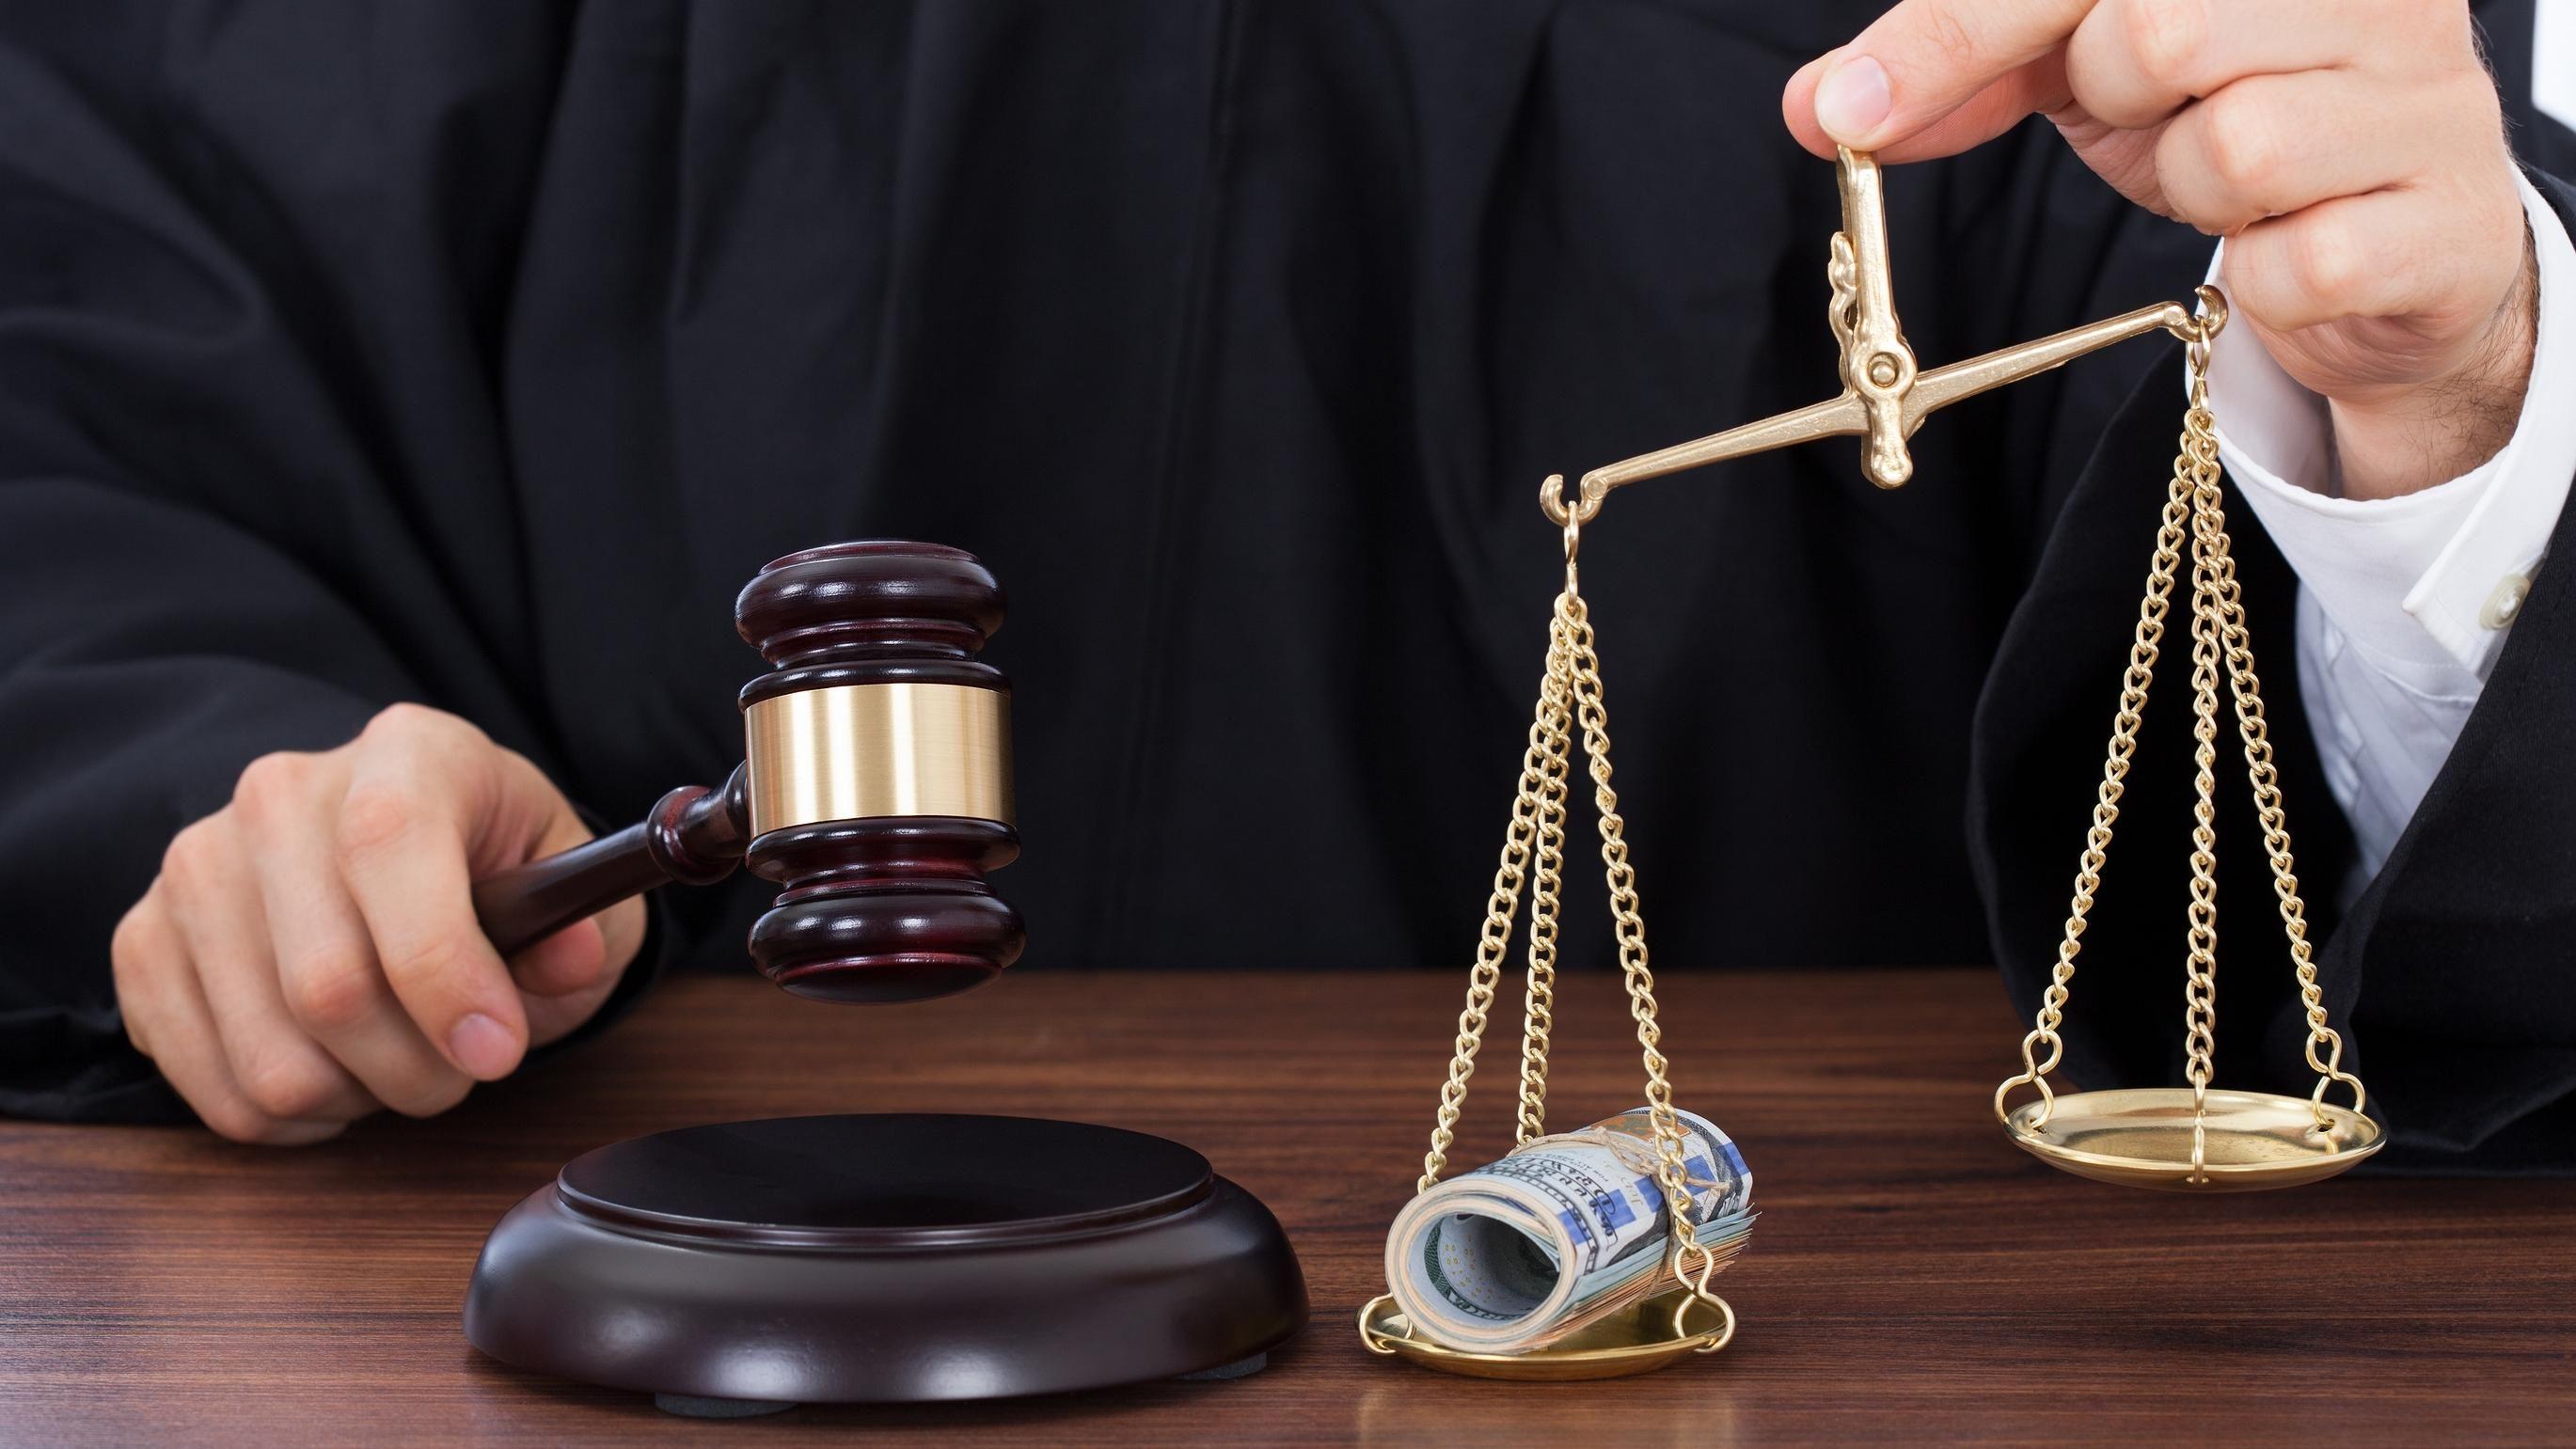 Результат пошуку зображень за запитом Як судді змінюють законодавство на свою користь: обурливі факти